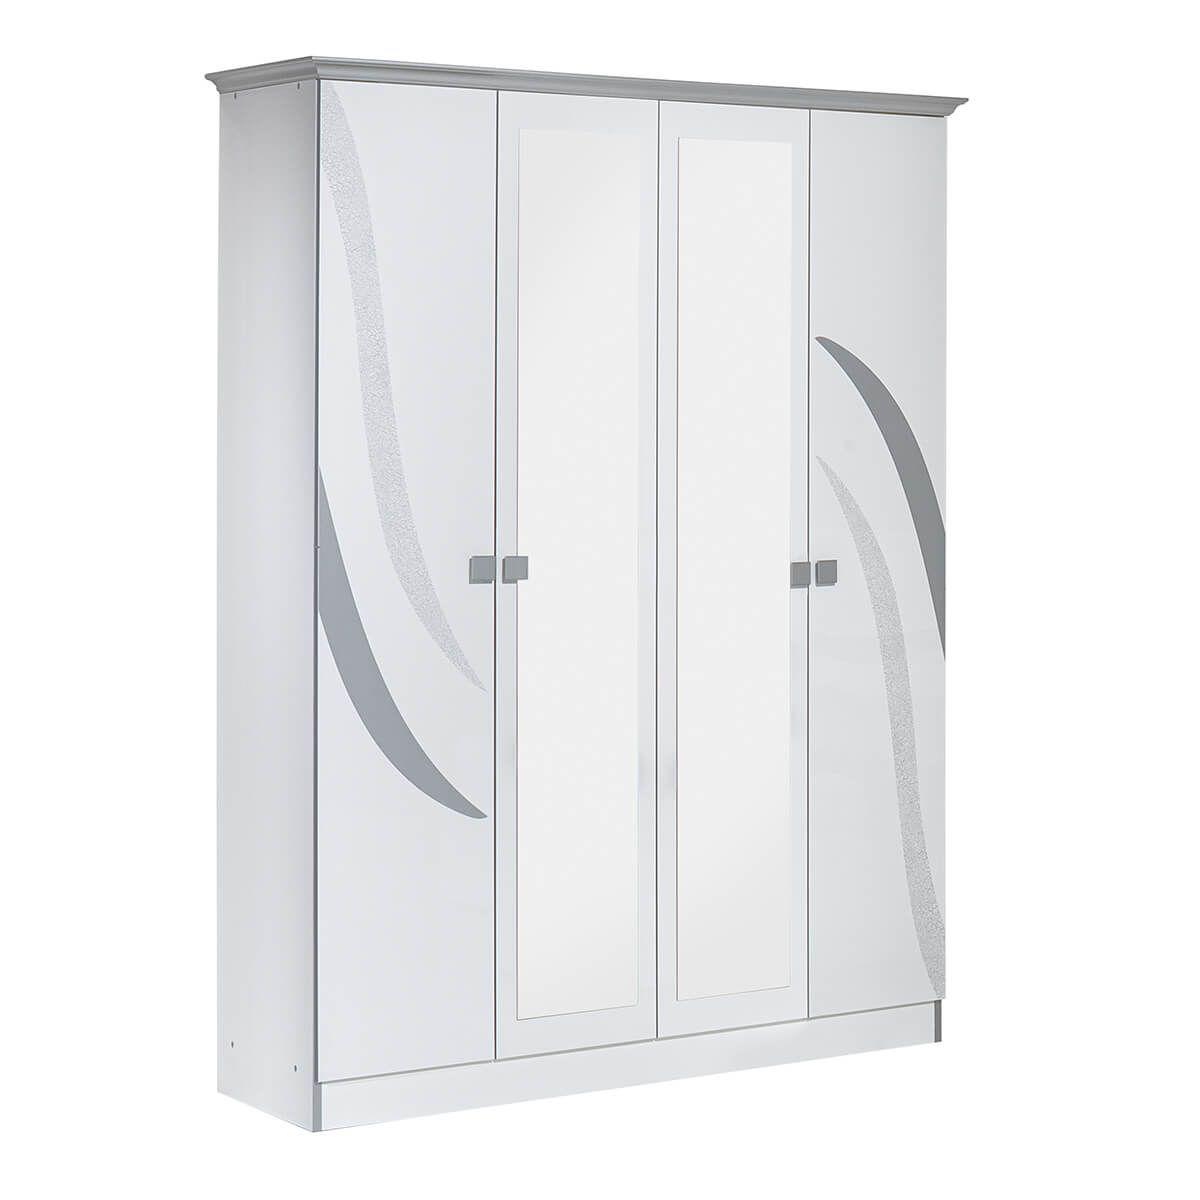 Altobuy SAVERIA BLANCHE - Armoire 4 Portes avec Miroir Central